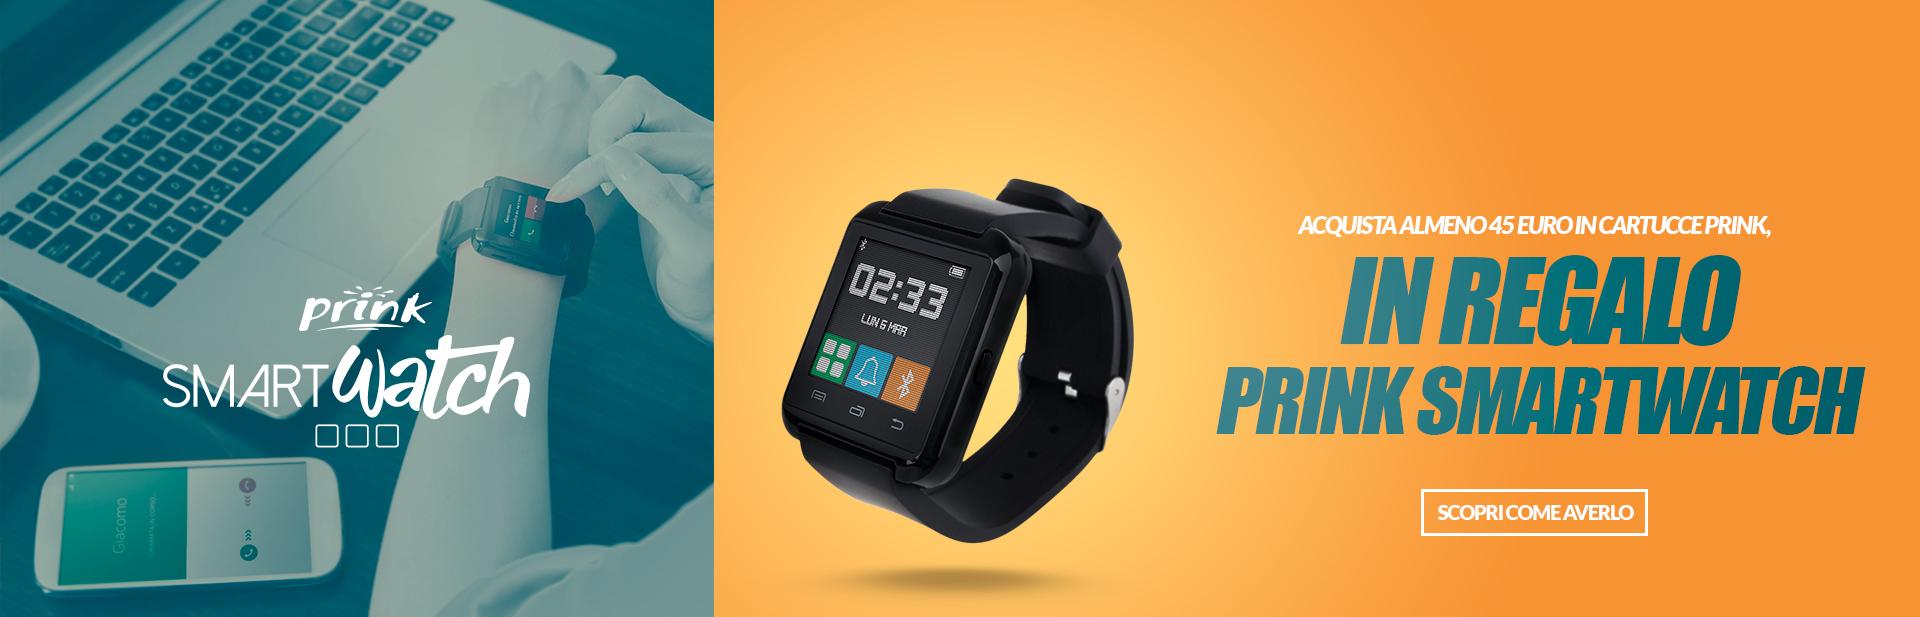 smartwatch-orologio-multifunzione-in-omaggio-Prink-SL